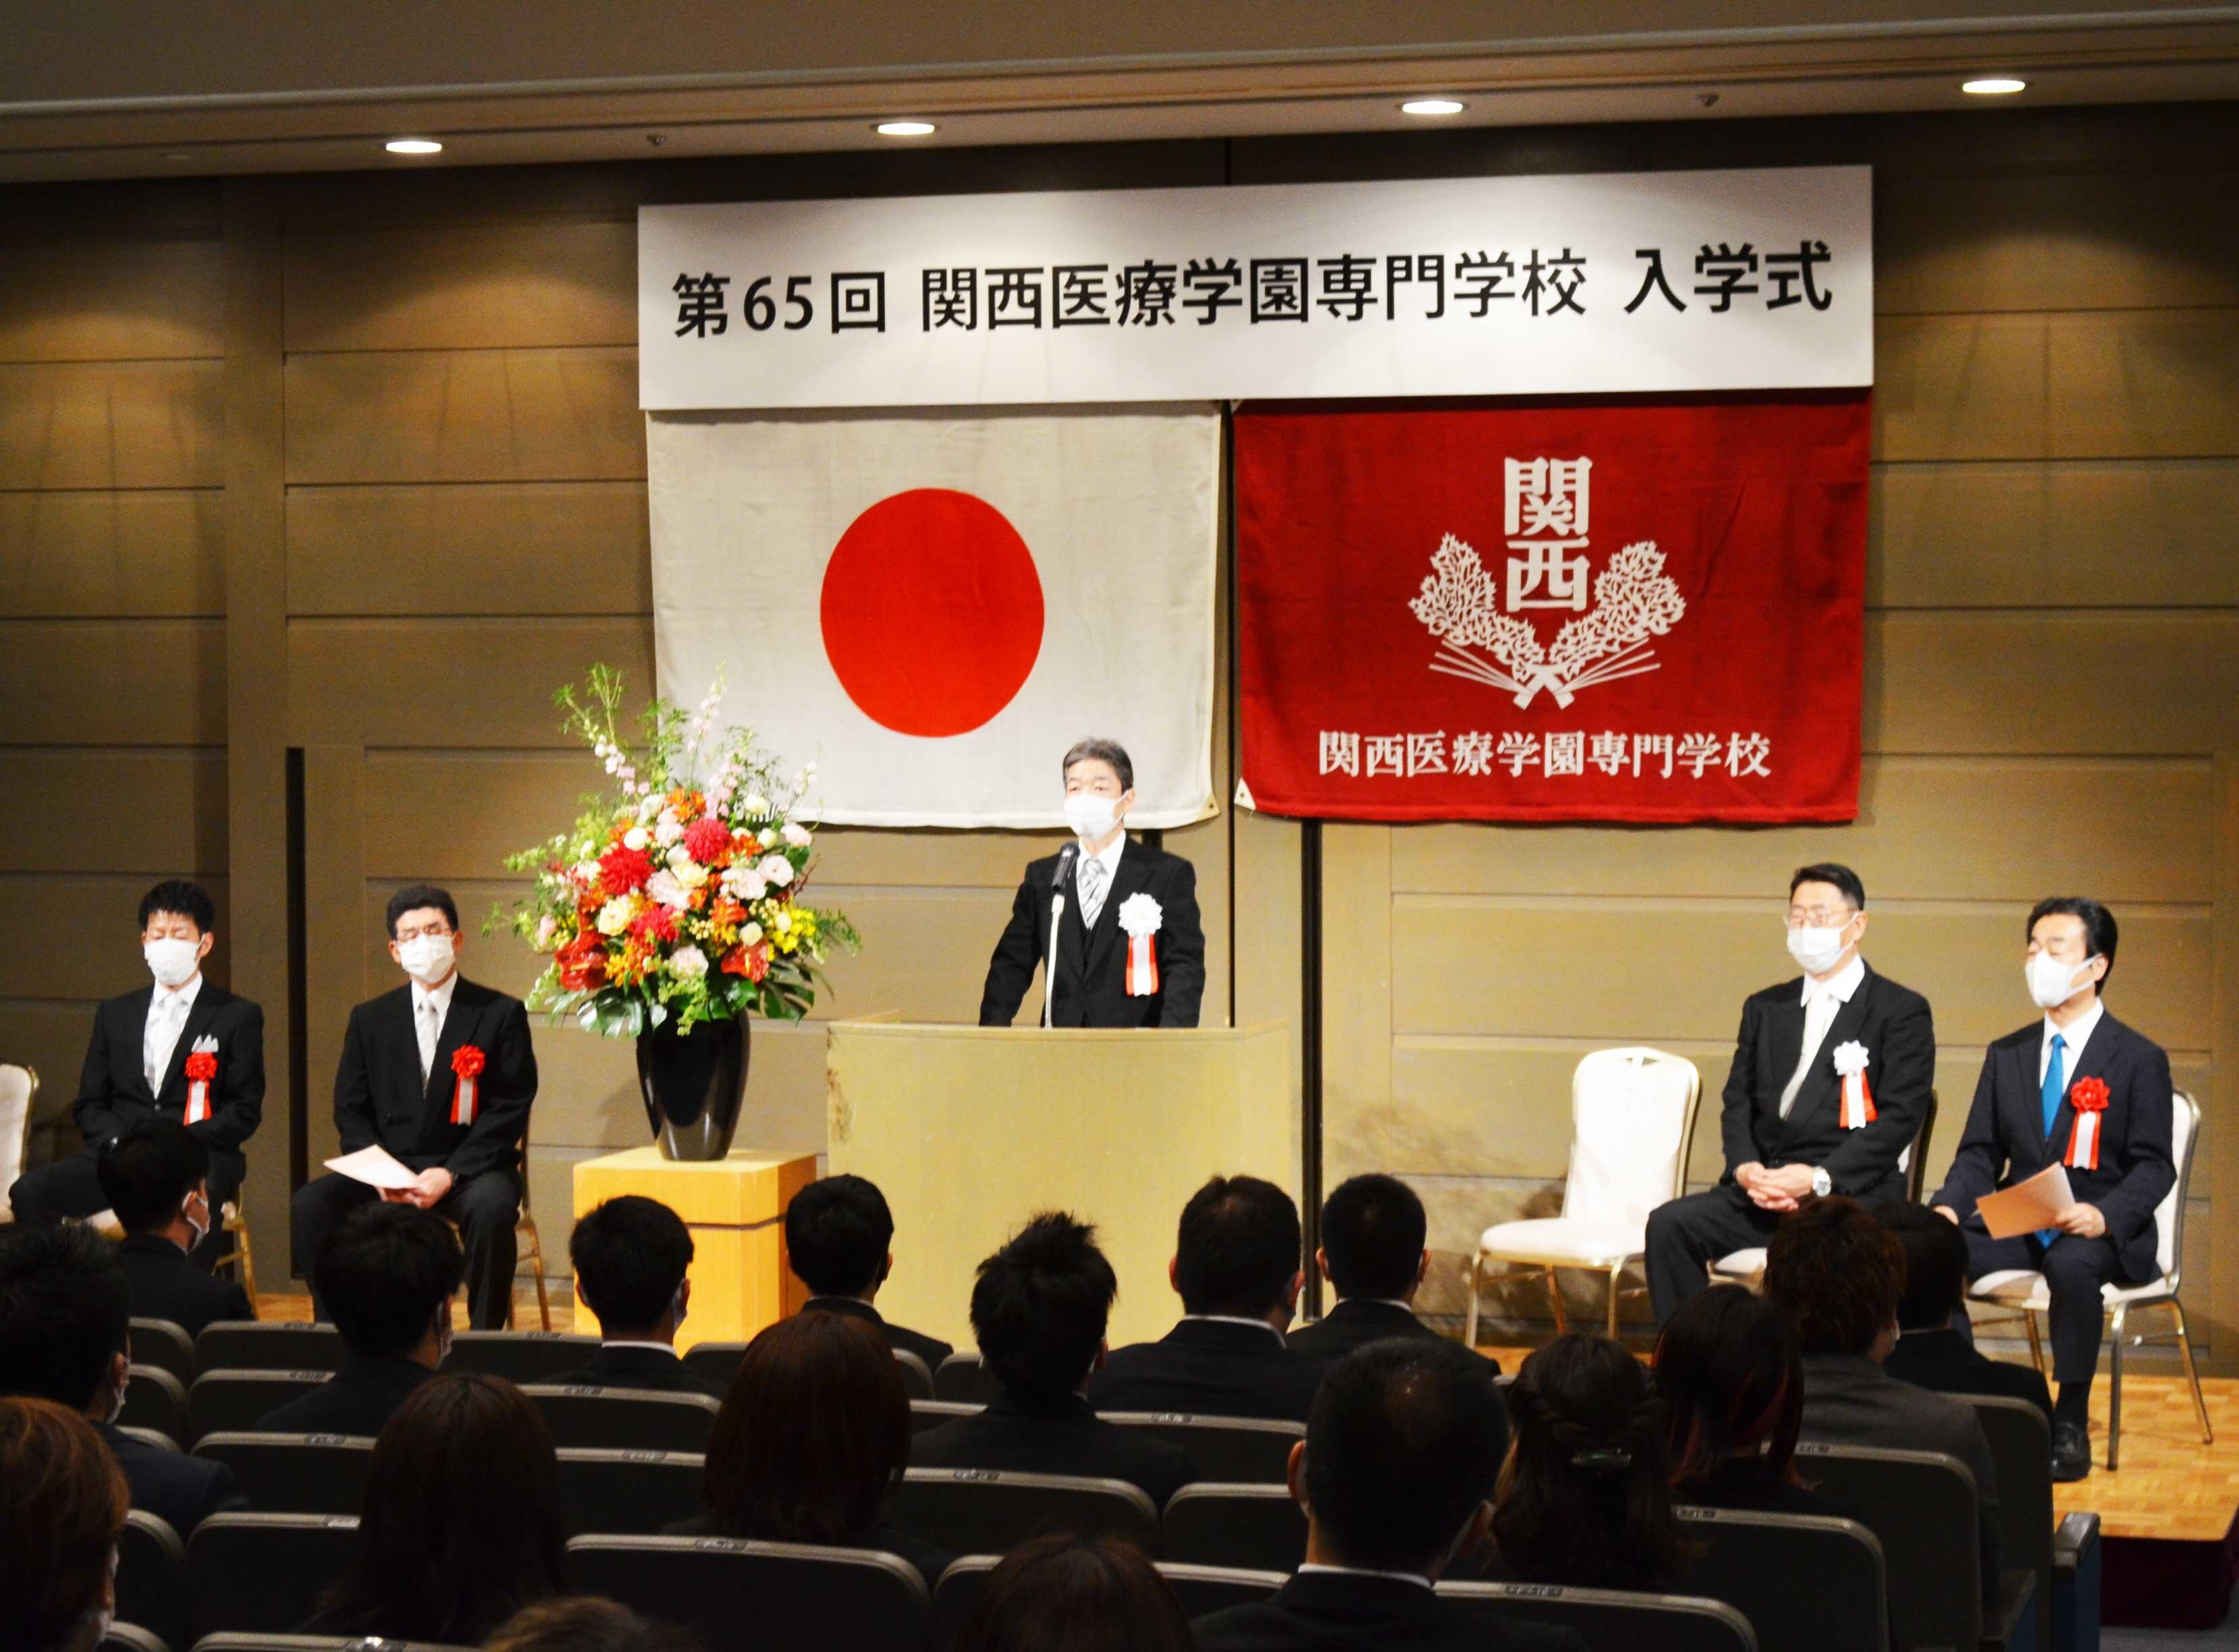 令和3年度入学式および教育講演会を行いました。